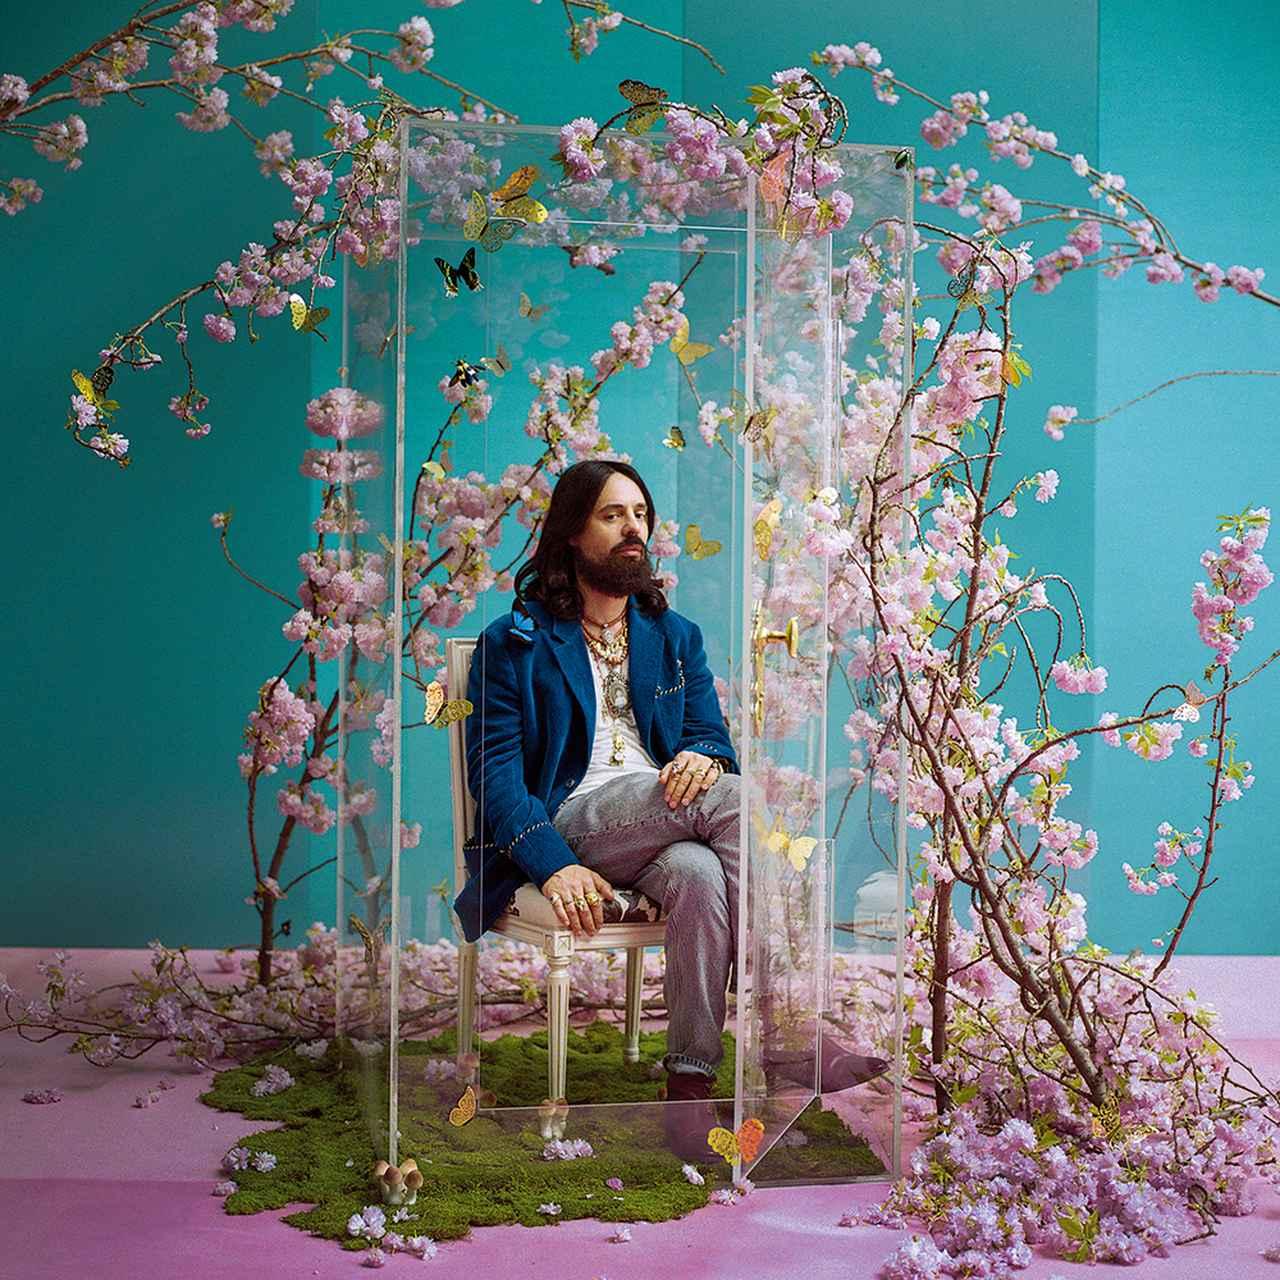 Images : 1番目の画像 - 「アレッサンドロ・ミケーレは こうしてグッチと、 ファッションの定義を革新した <前編>」のアルバム - T JAPAN:The New York Times Style Magazine 公式サイト